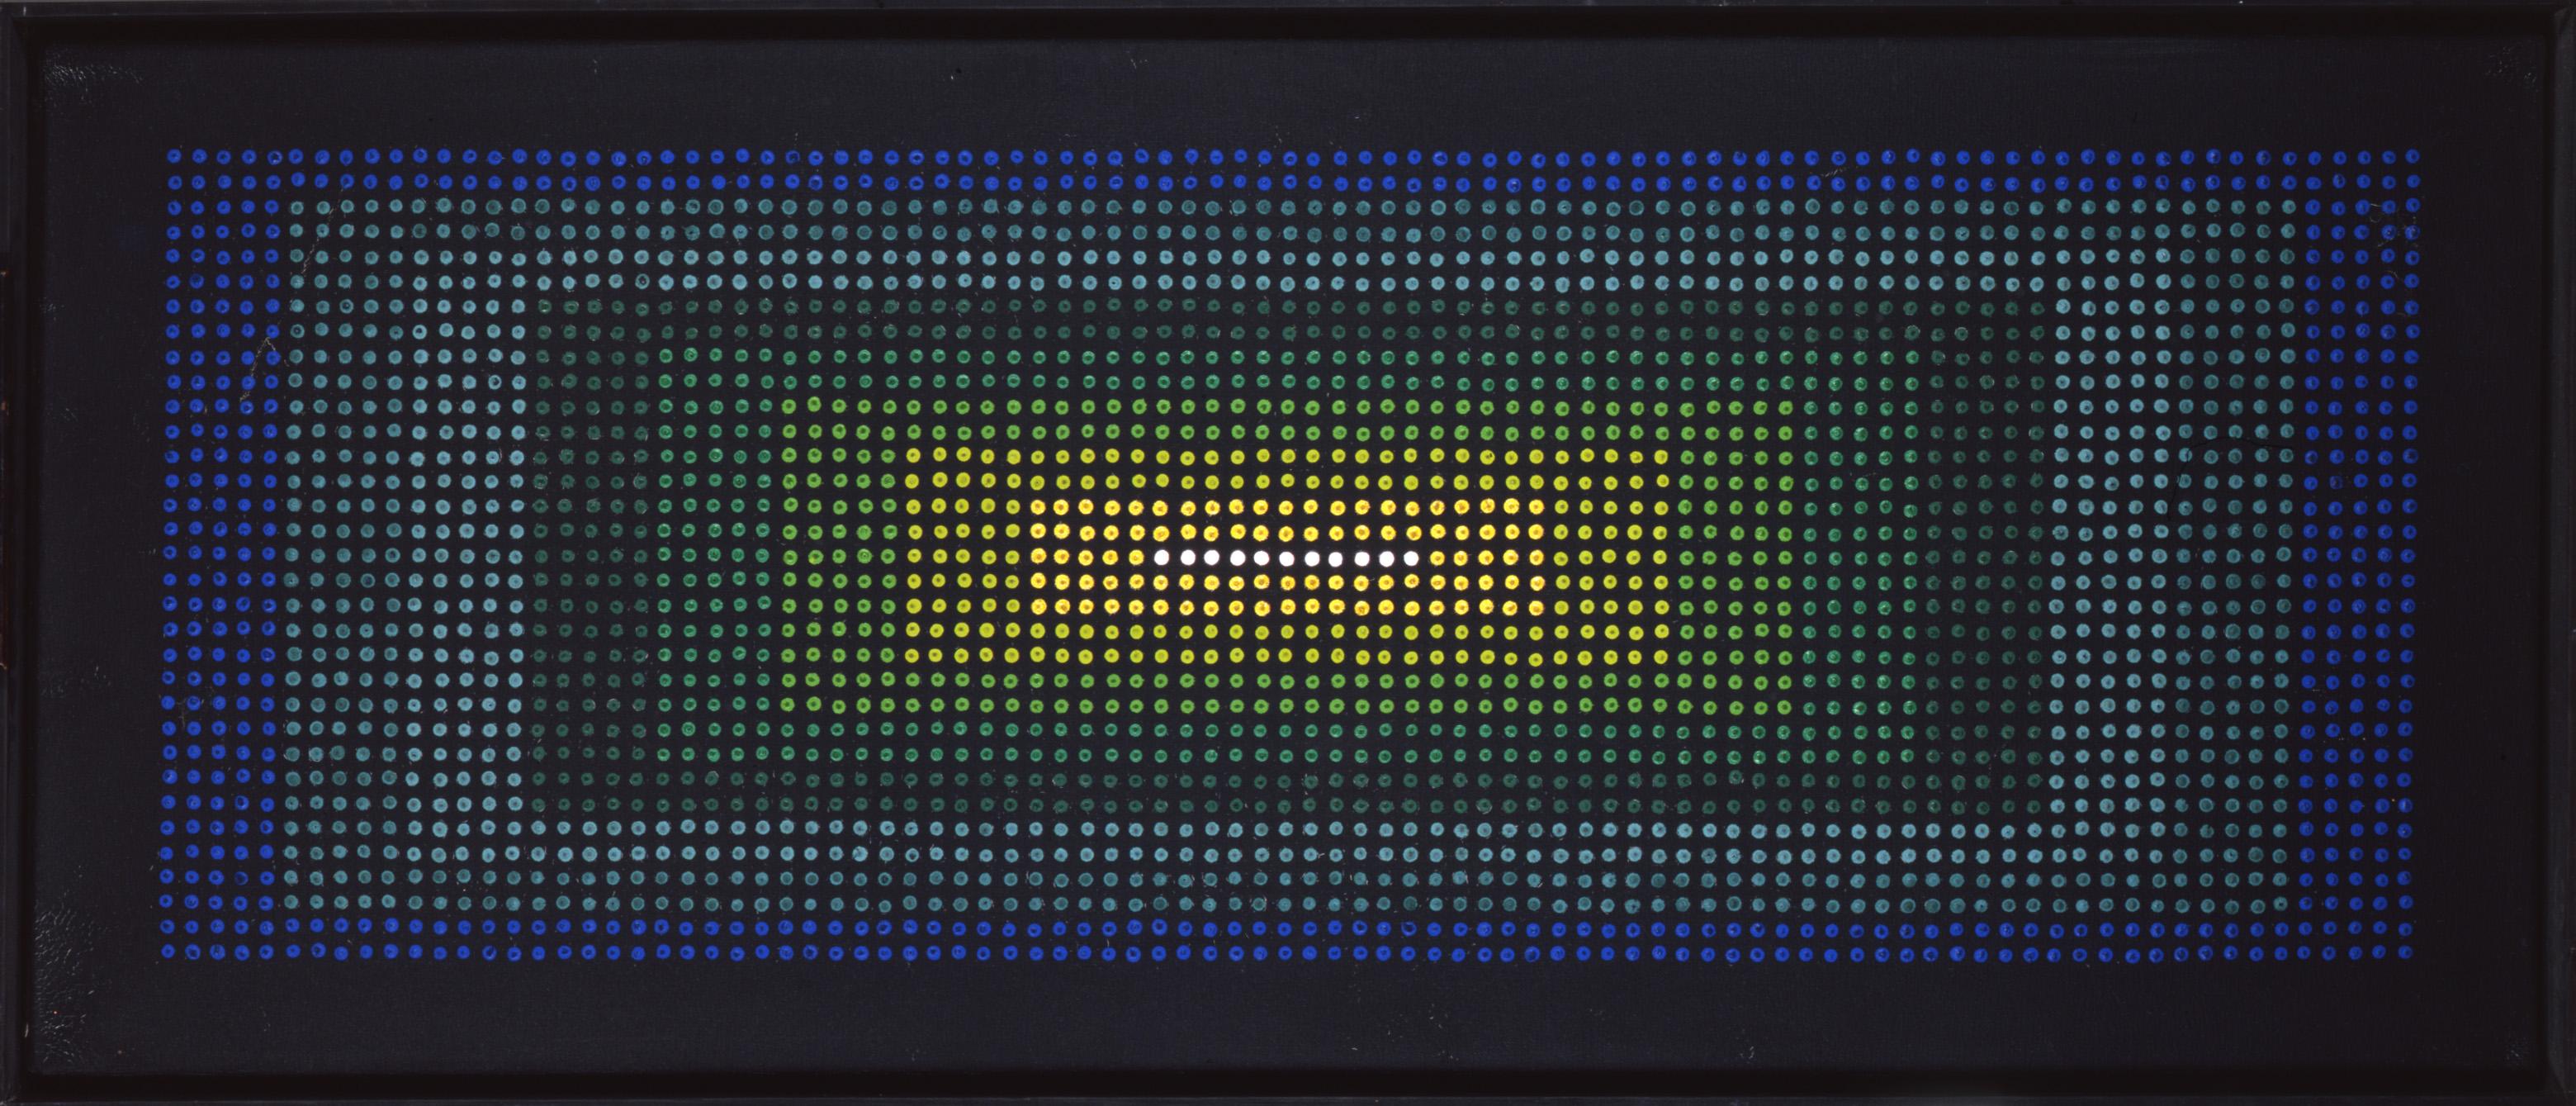 Rechteckiges Gemälde mit schwarzem Grund, auf dem rasterartig Farbpunkte aufgetragen sind.